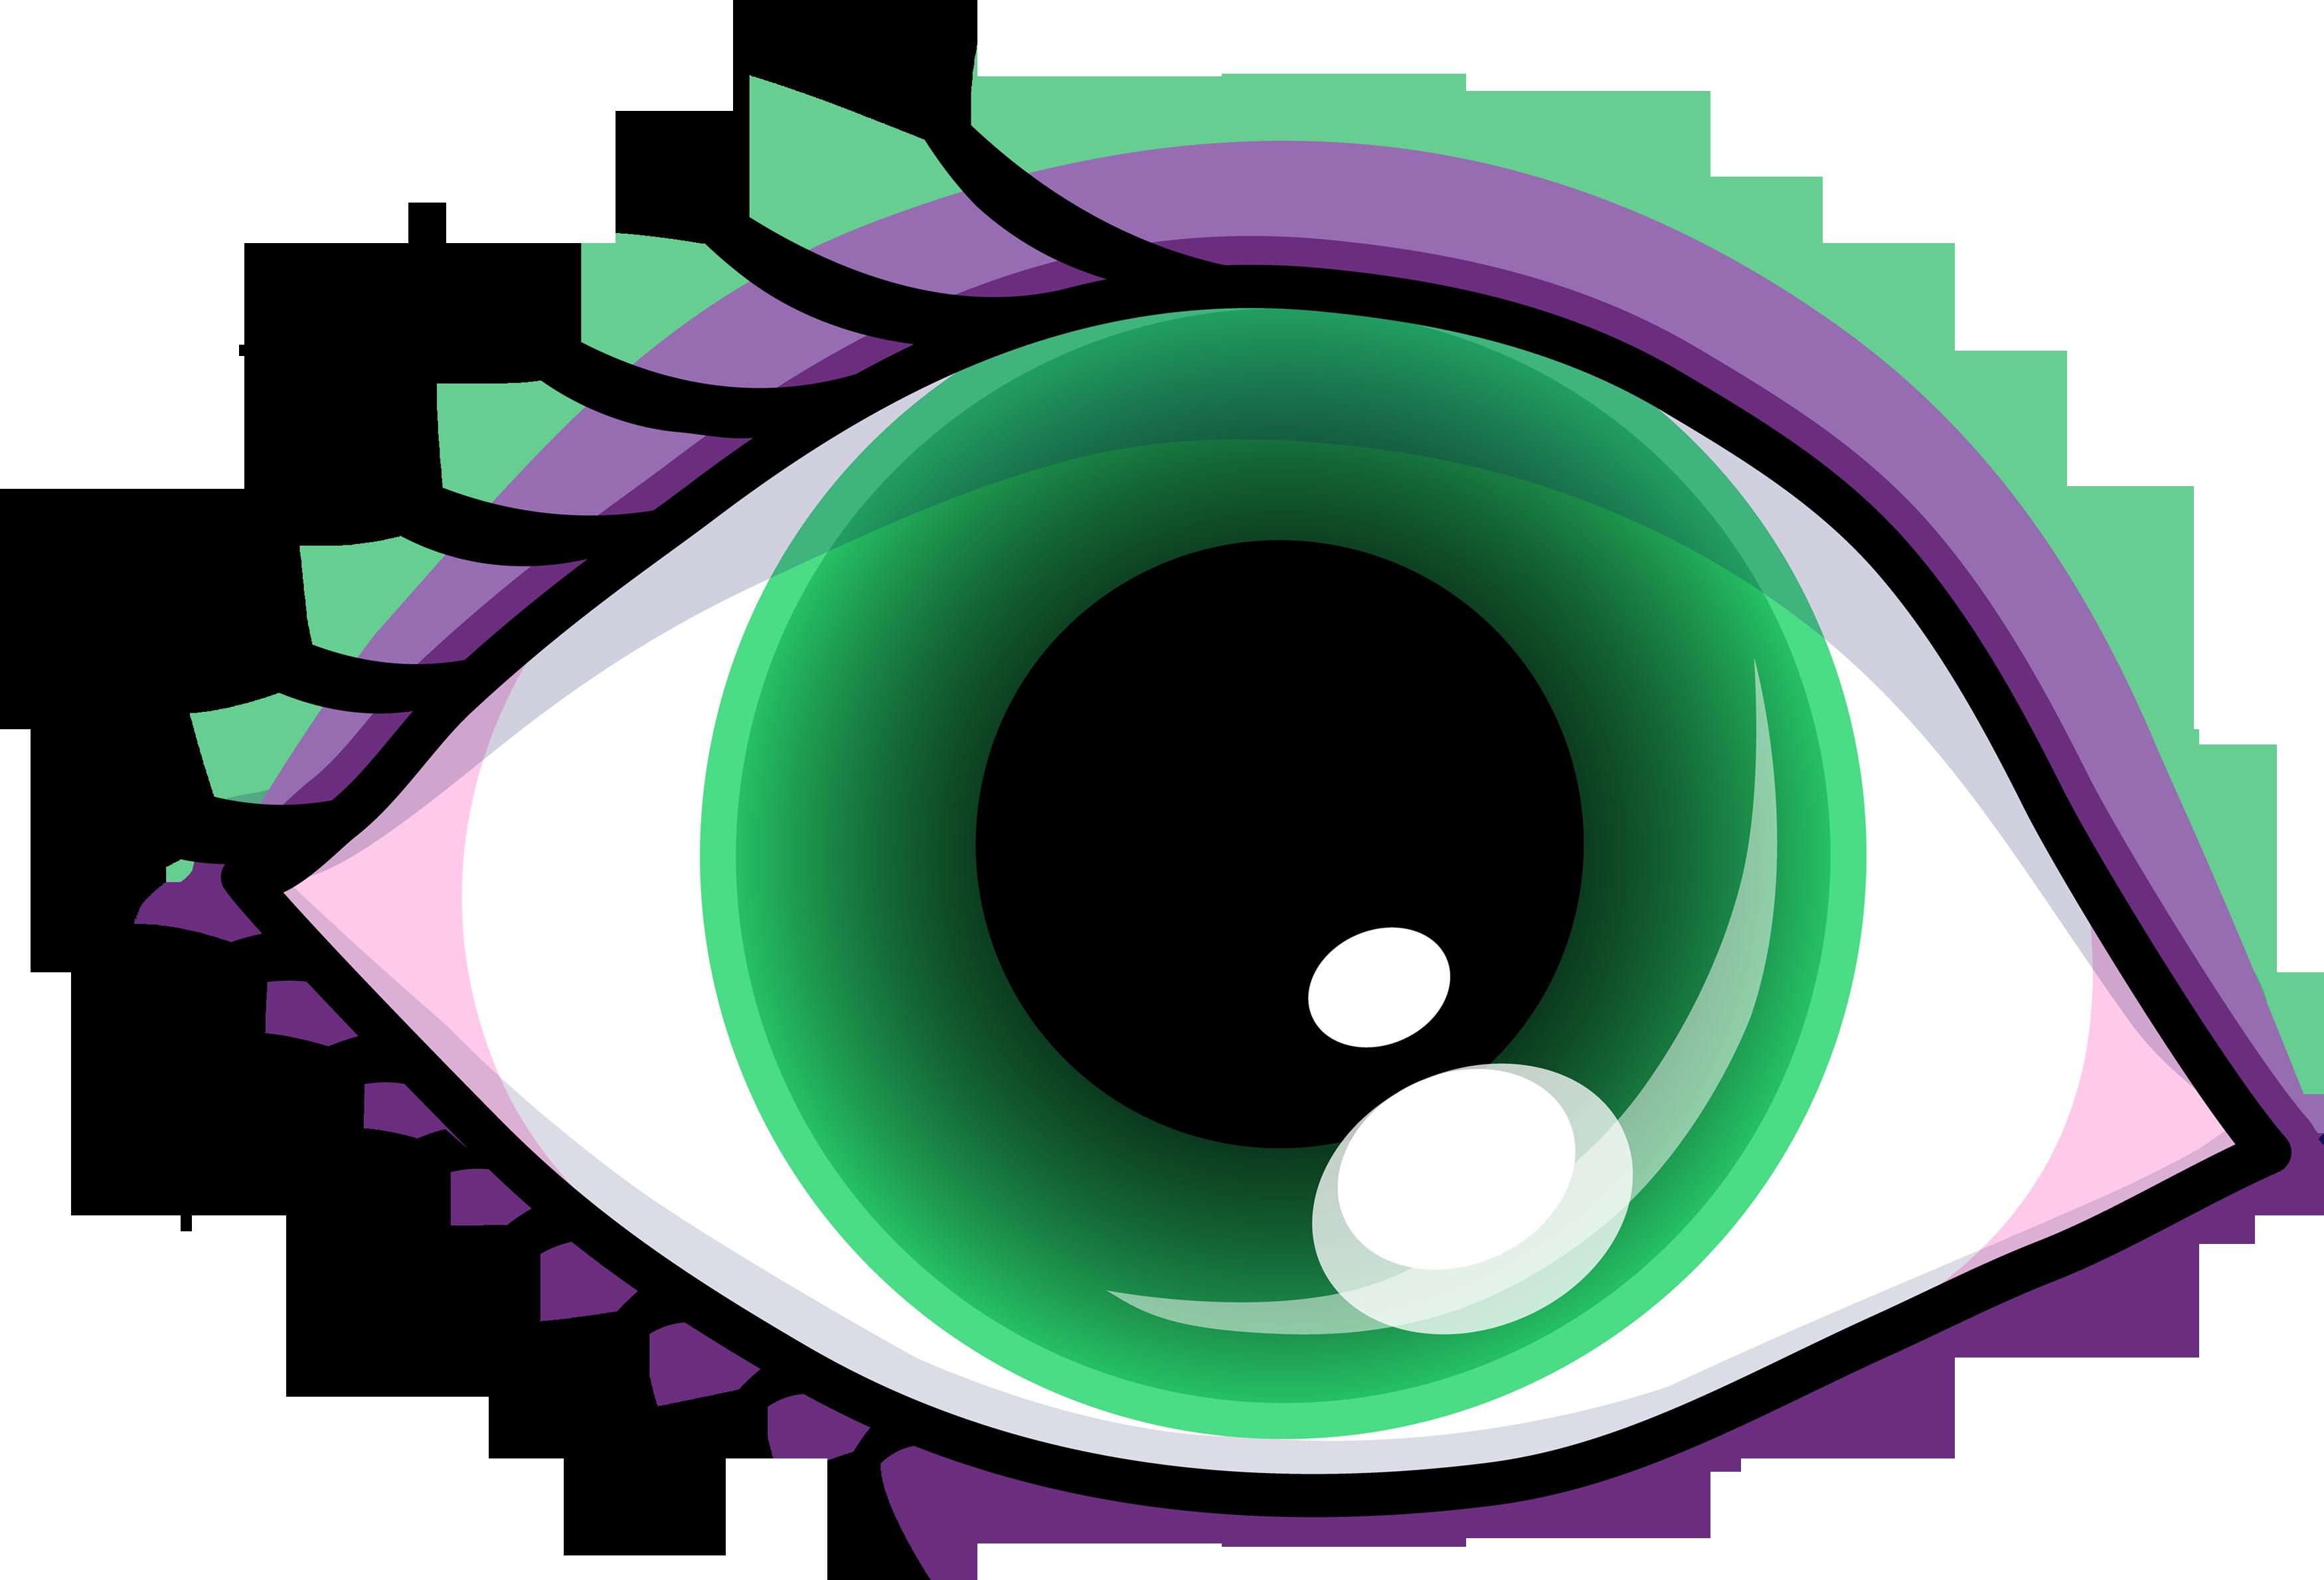 3500x2379 Pretty Green Eye With Shadow